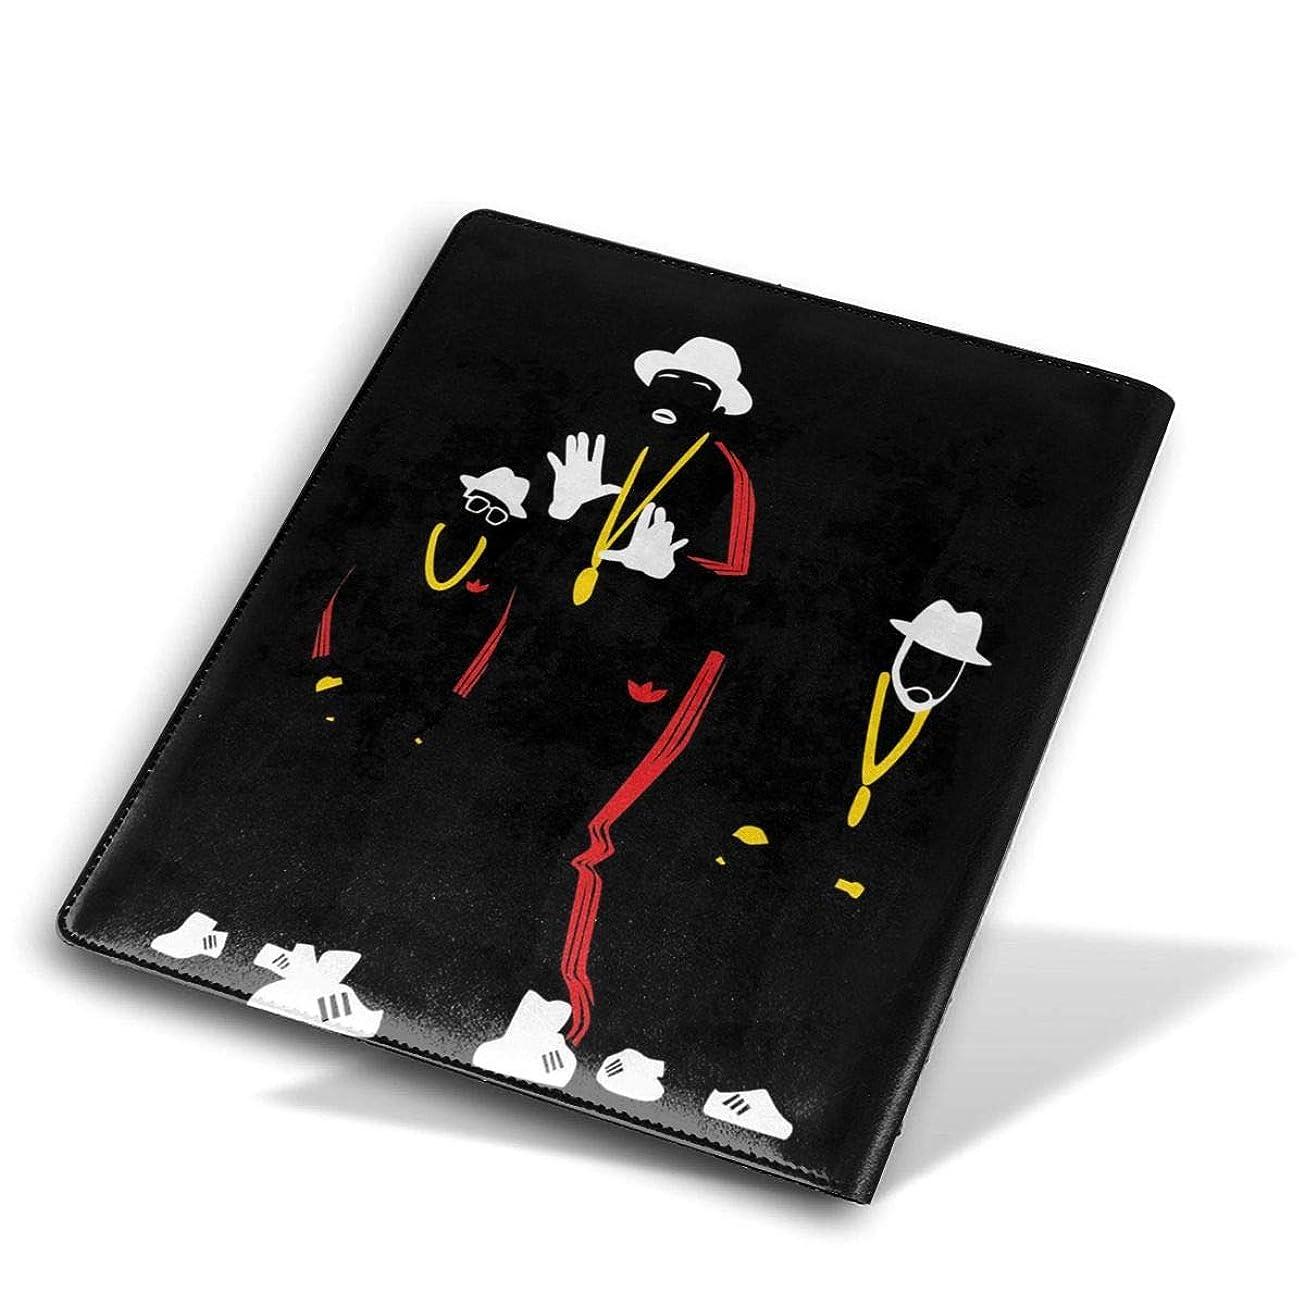 医学セットアップごみストリートダンスヒップホップ Book Cove ノートカバー ブックカバー 本カバー おしゃれ 文庫本カバー PUレザー ファイル オフィス用品 読書 日記 収納入れ 機能性 耐久性 個性 子供 大人 読書 資料 雑貨 収納入れ メモ帳カバー プレゼント 贈り物